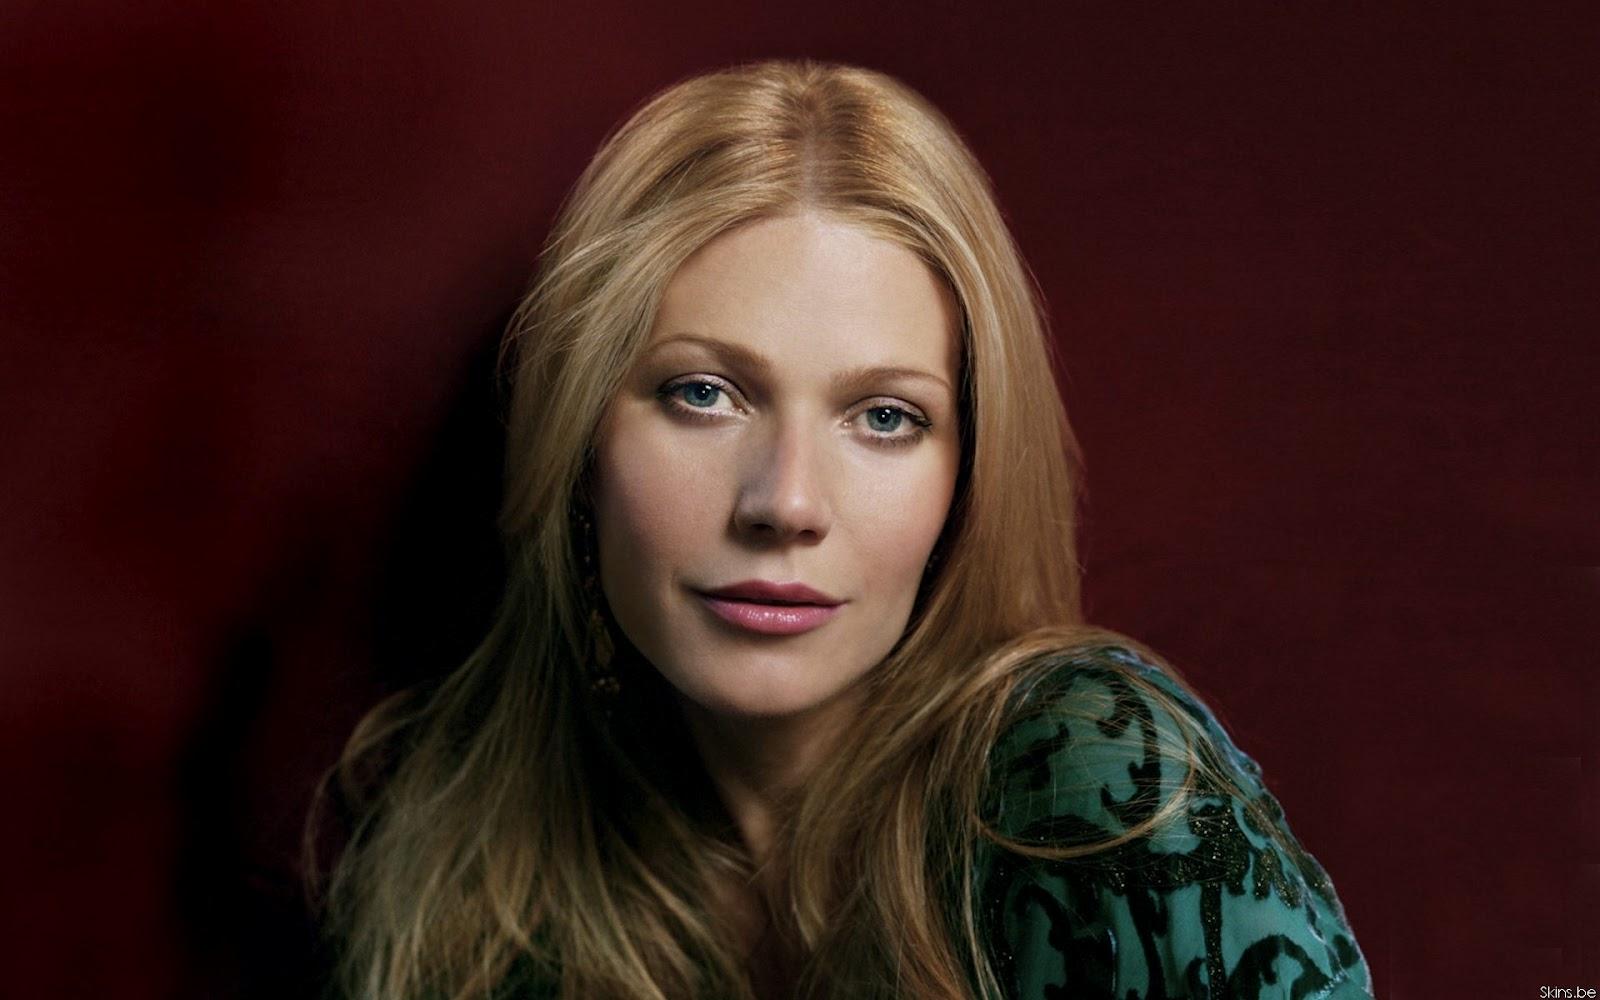 http://4.bp.blogspot.com/-NIMQGJL0r-c/UDpFX6vocRI/AAAAAAAAHs8/8oZ5bXfuoBE/s1600/Gwyneth-Paltrow-029.jpg